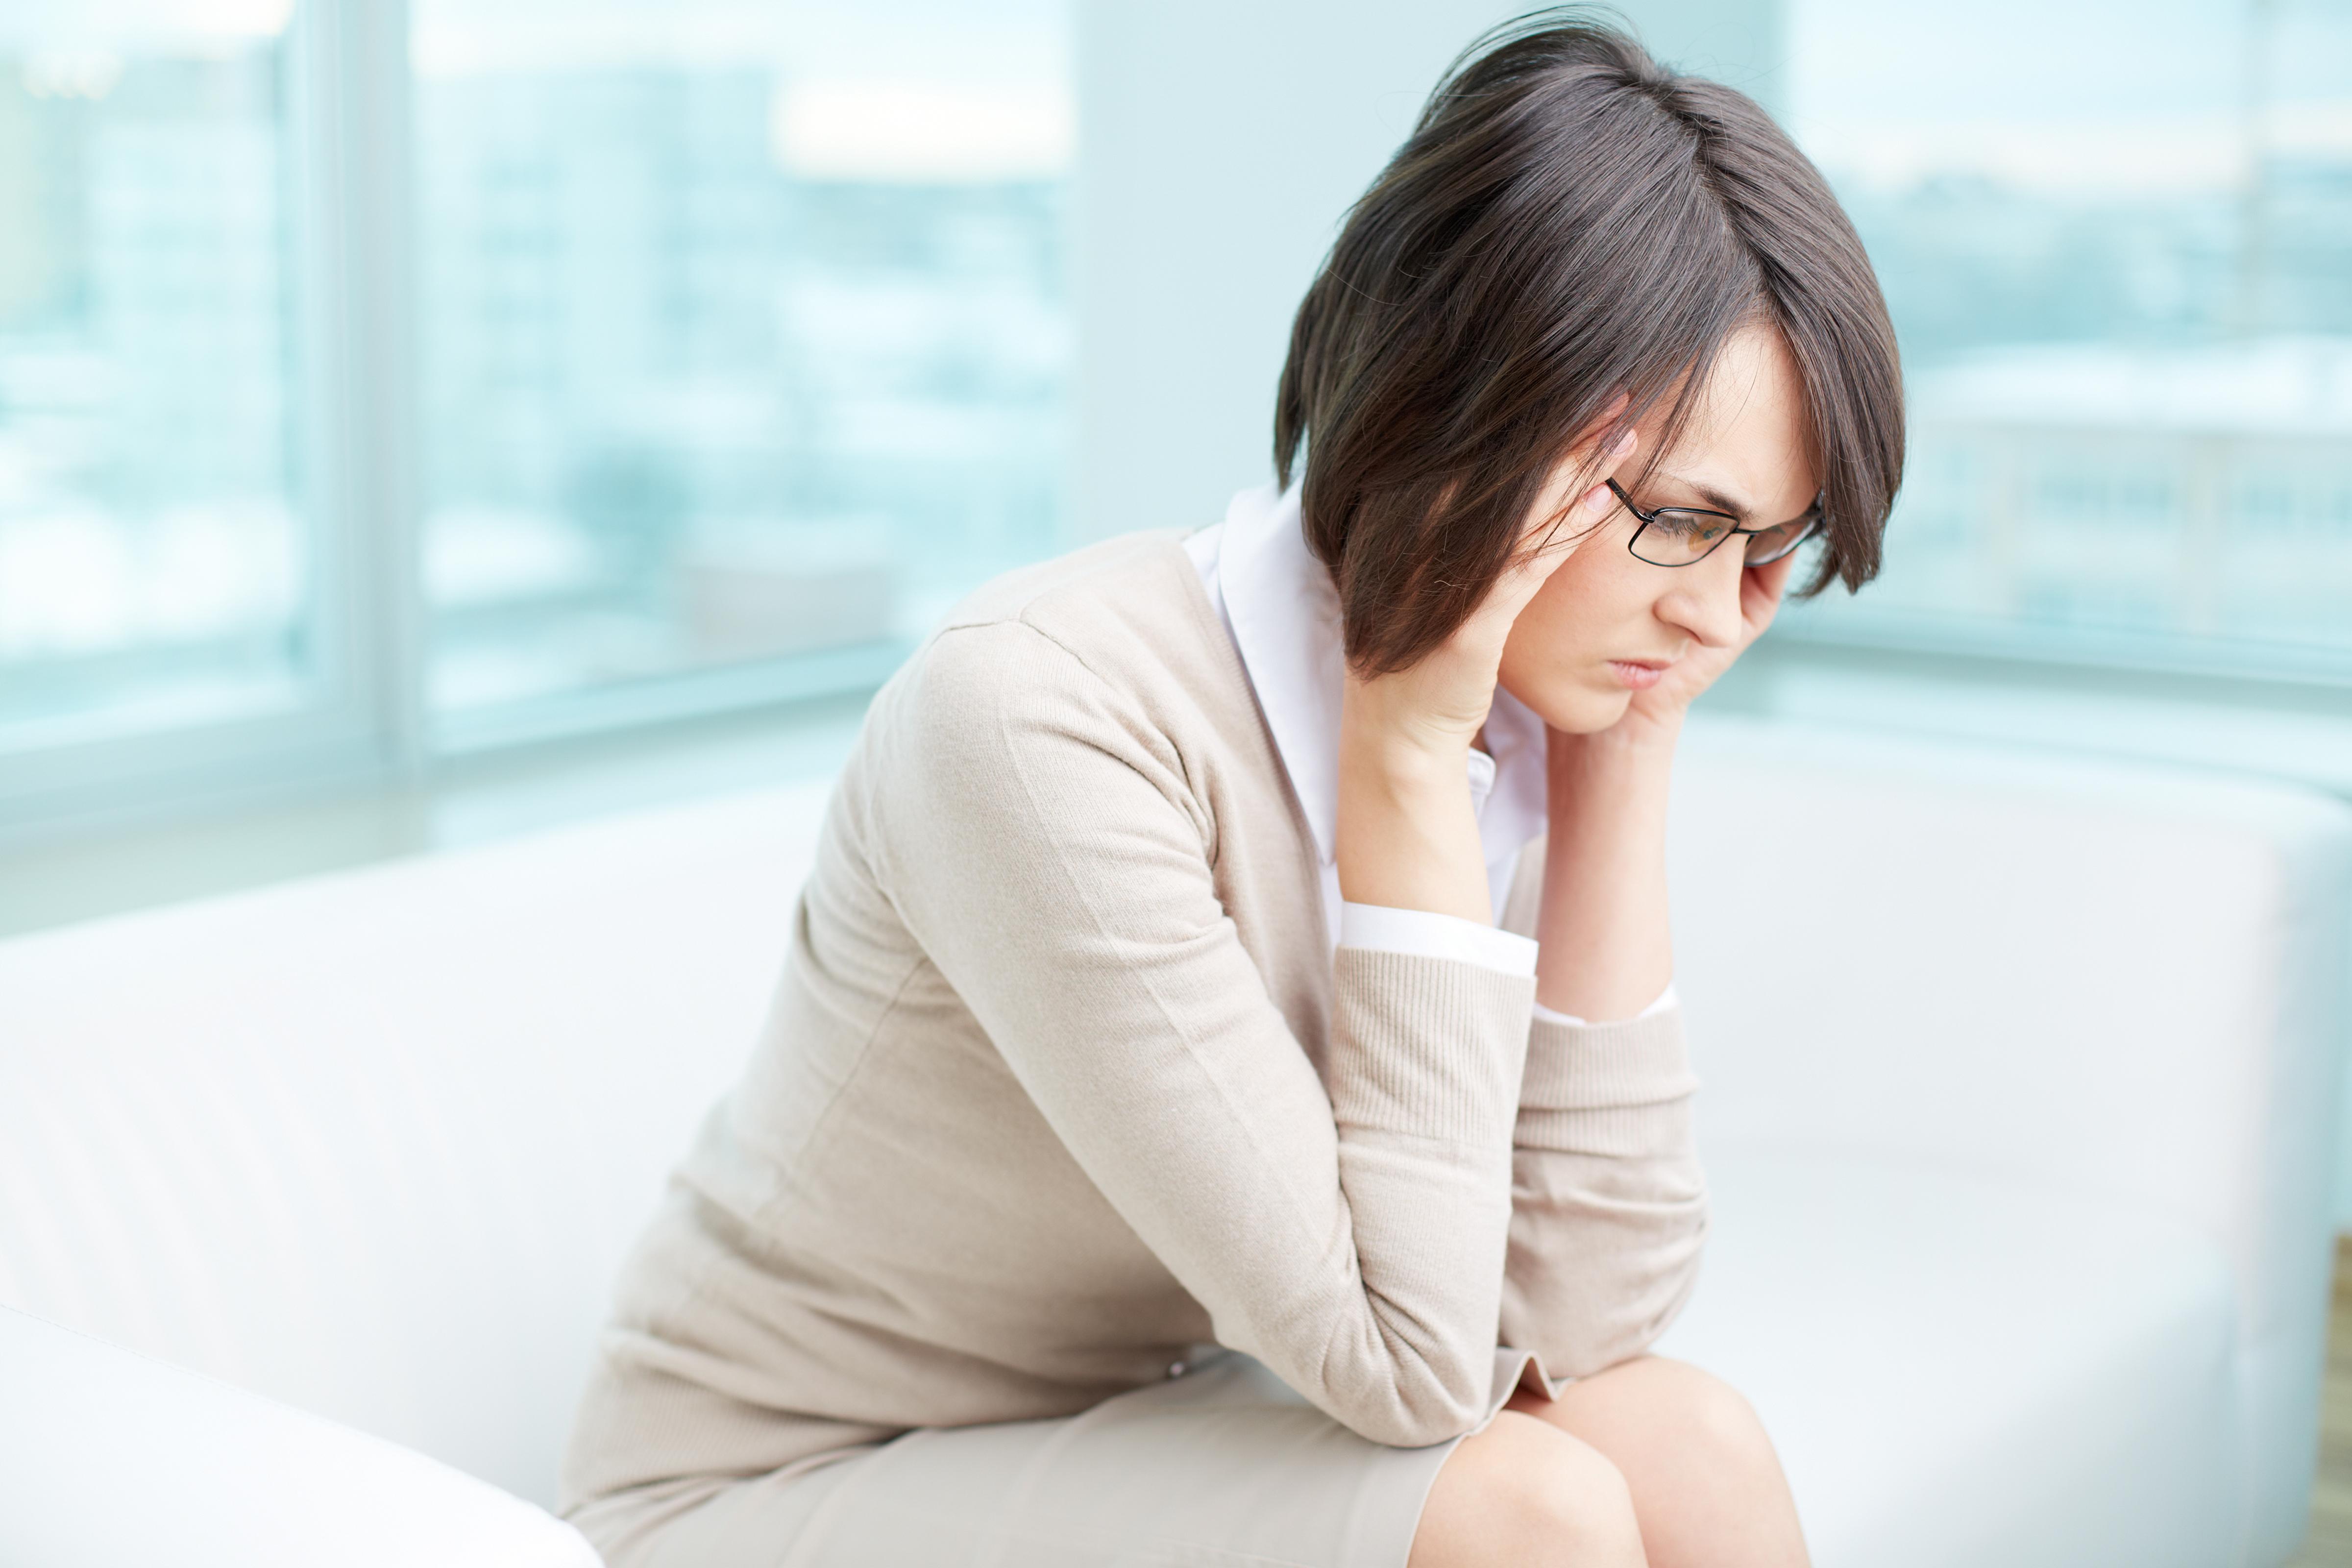 La especialización mejora la ansiedad rasgo al permitir una mejor adaptación a las condiciones laborales